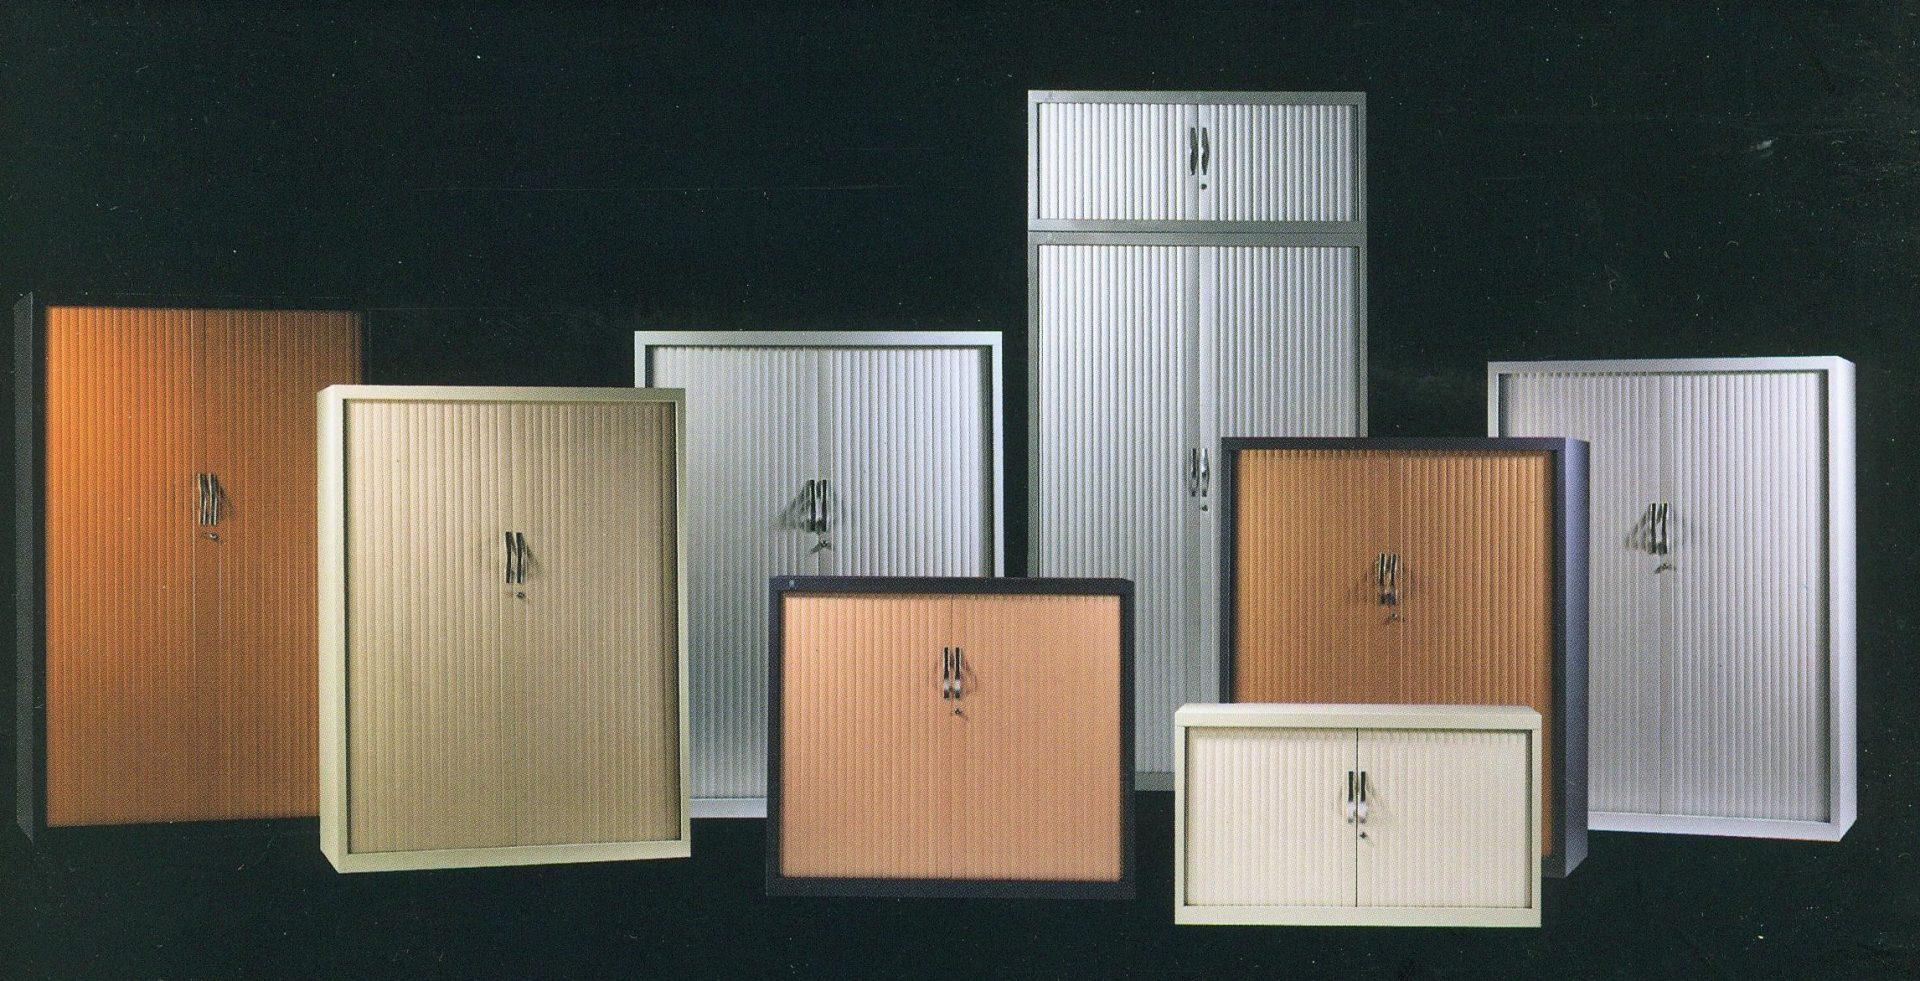 armoire porte rideau perfect vraiefausse armoire avec. Black Bedroom Furniture Sets. Home Design Ideas